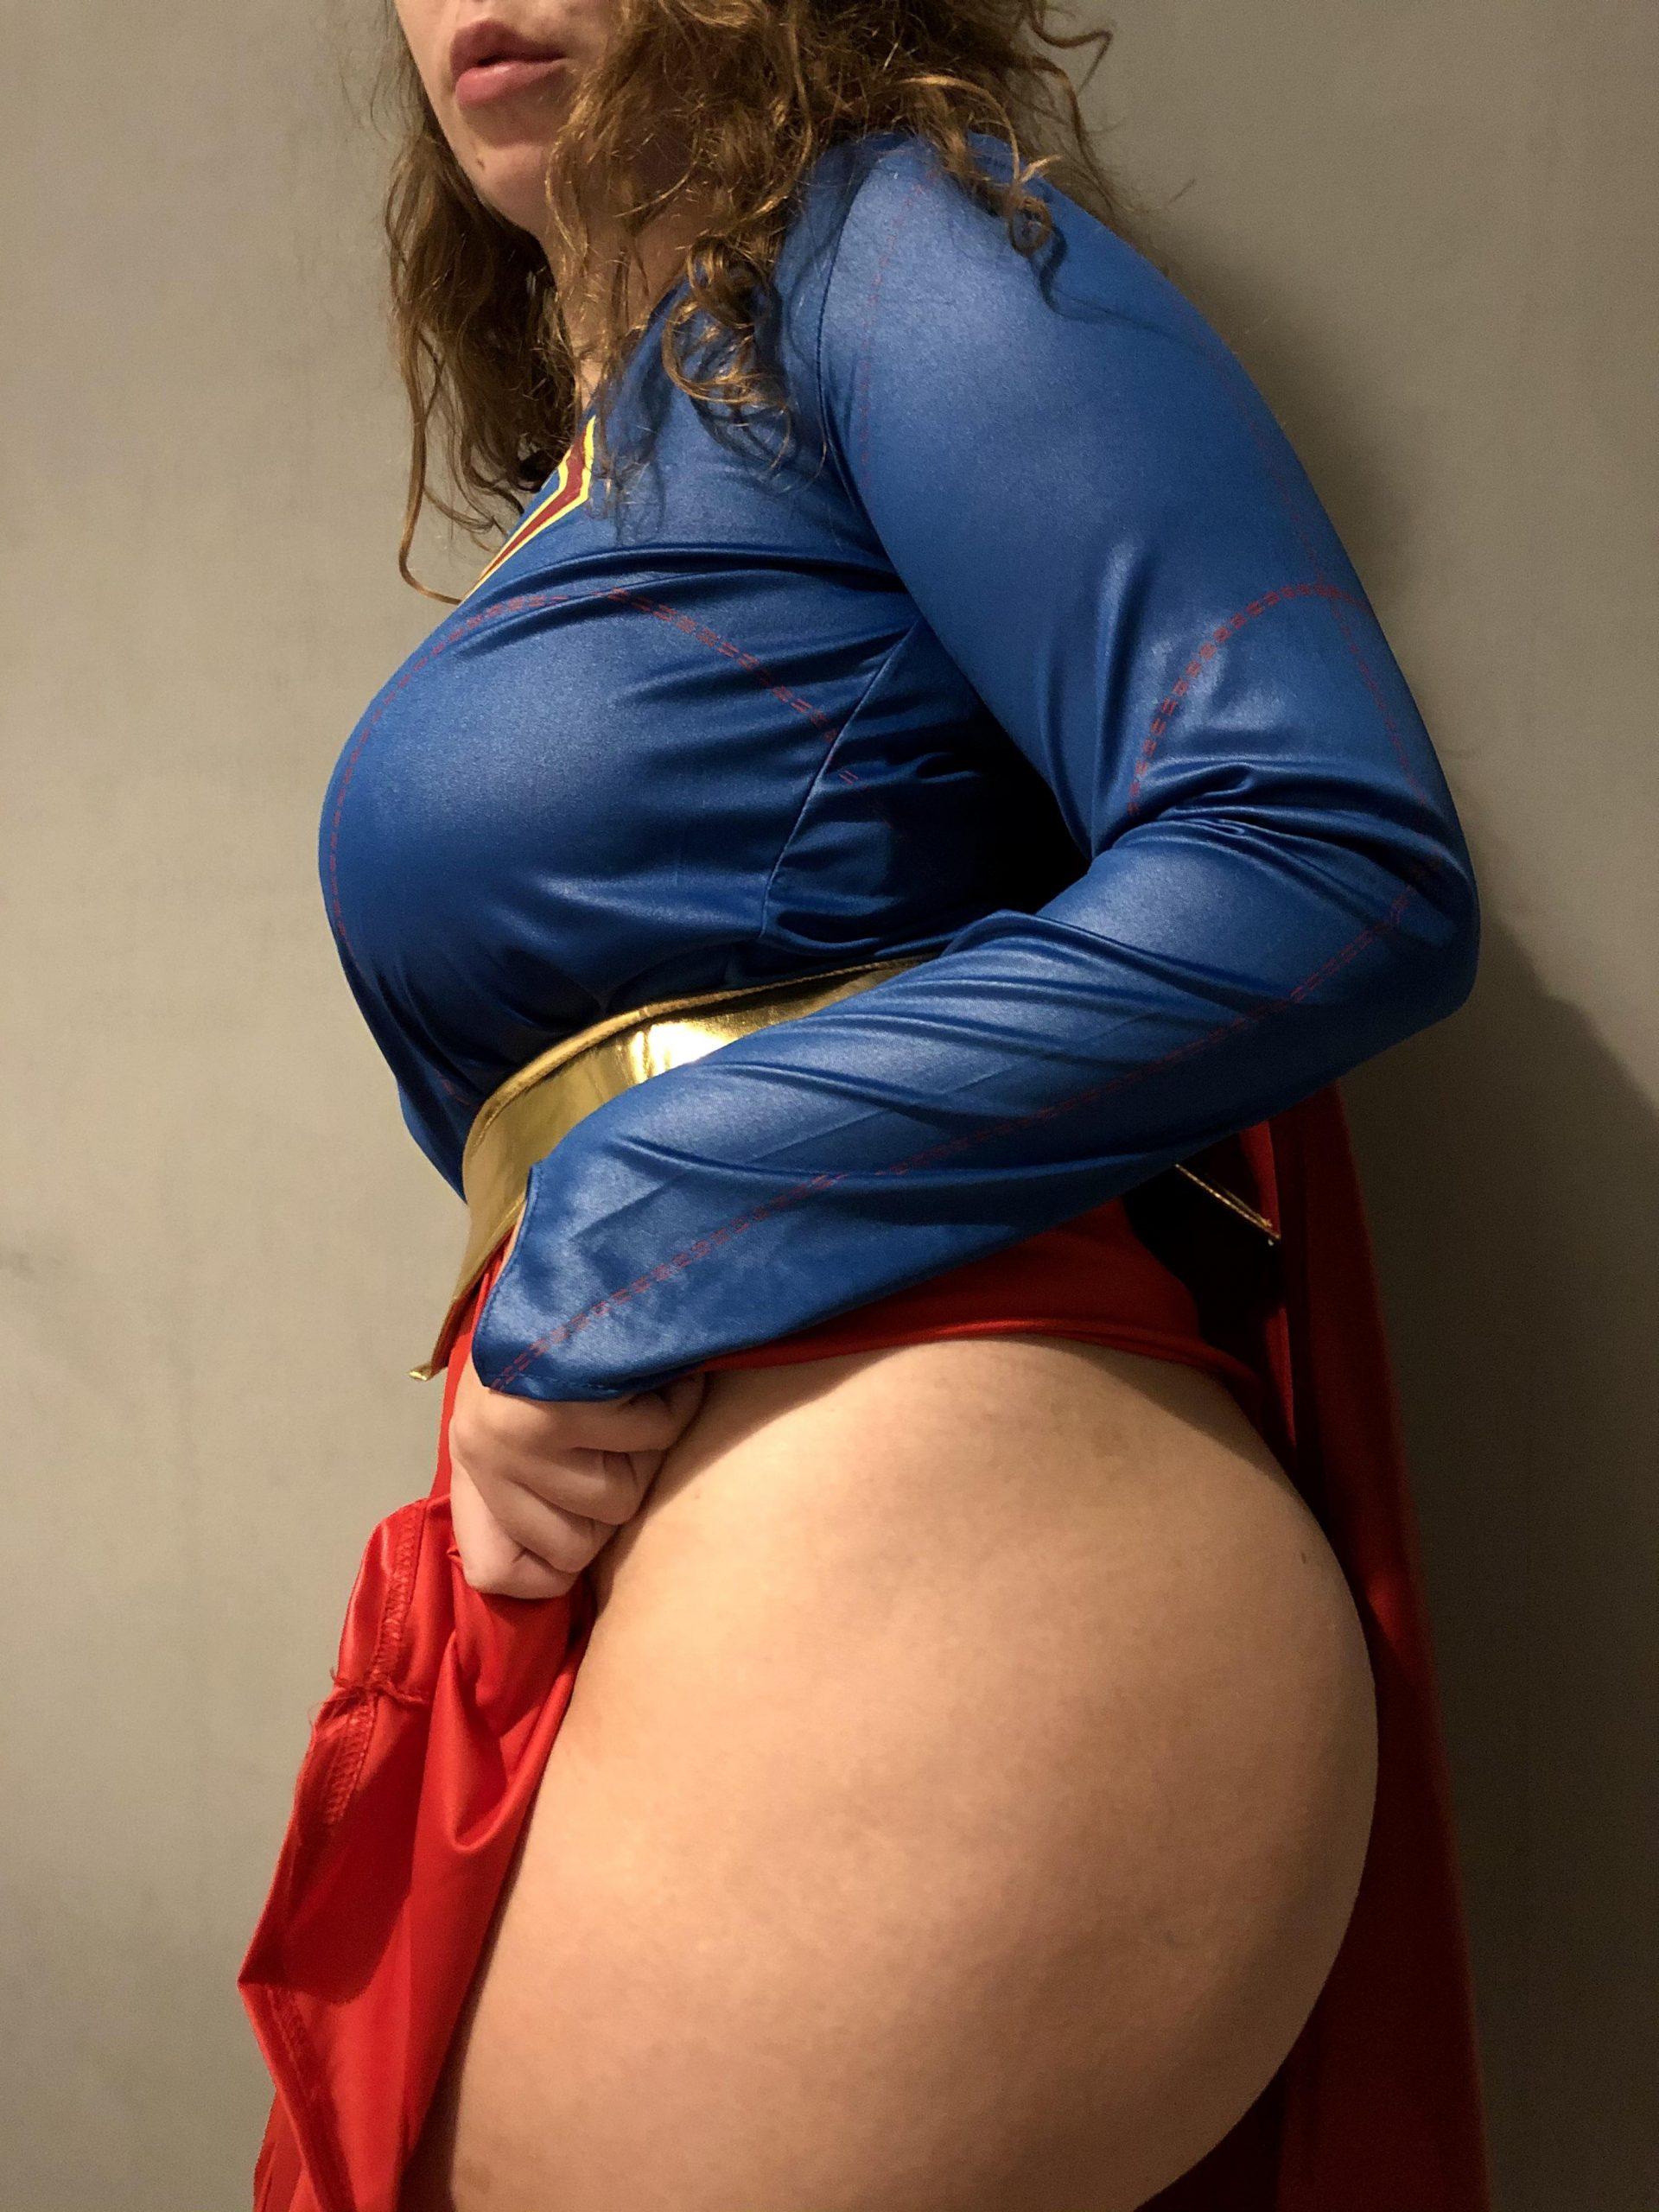 Super Girl By SluttyGFandBF